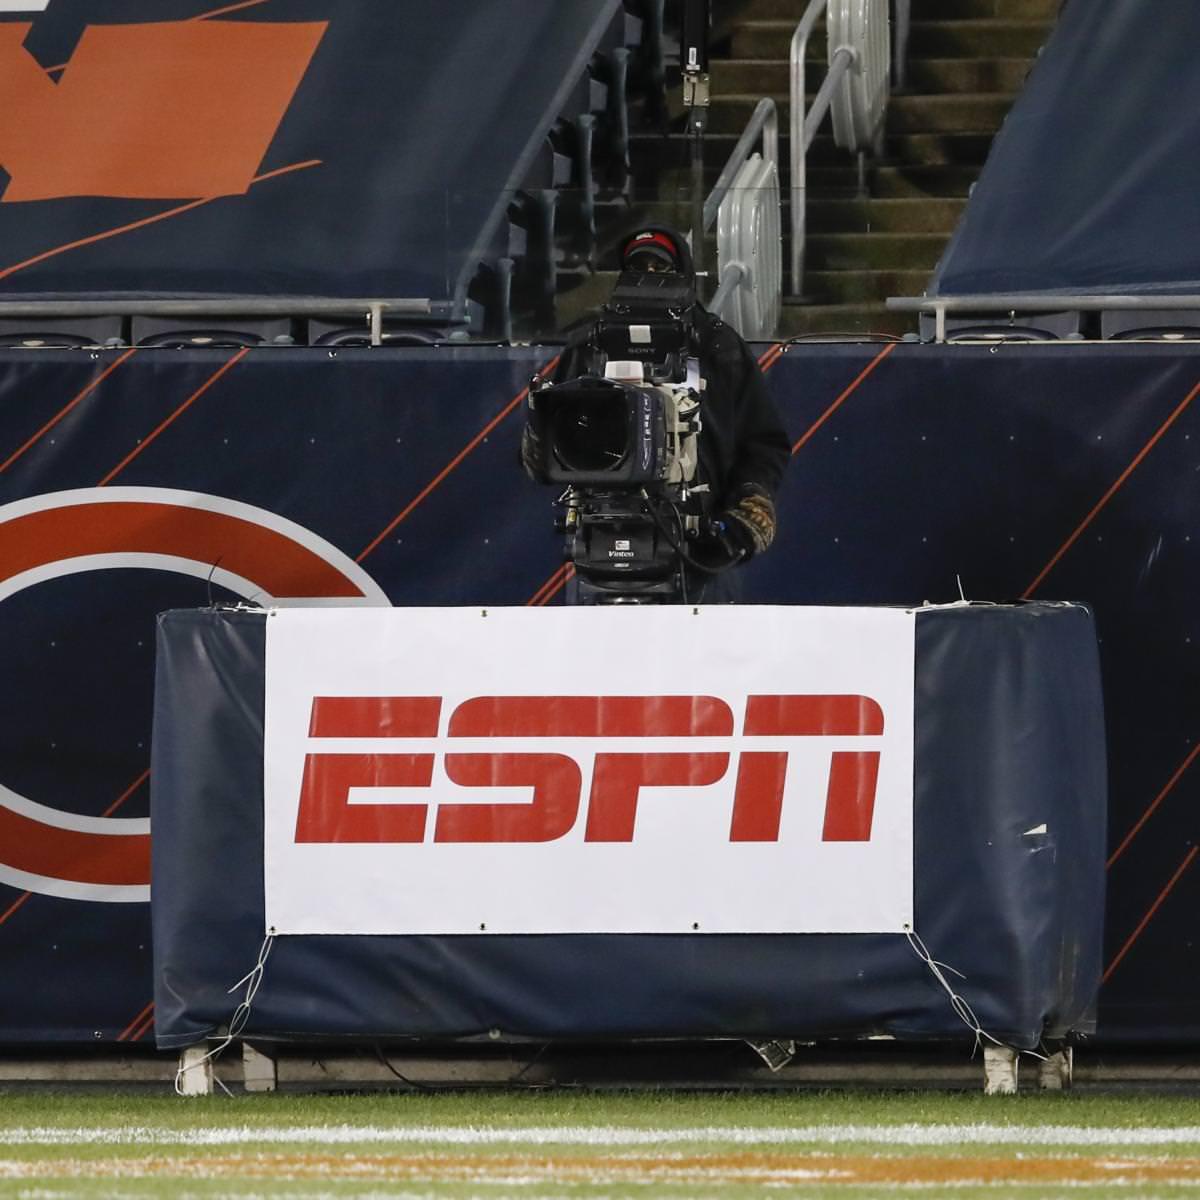 NFL e ESPN supostamente enfrentam lacuna de 'US $ 1 bilhão por ano' em conversações sobre contratos de direitos de TV